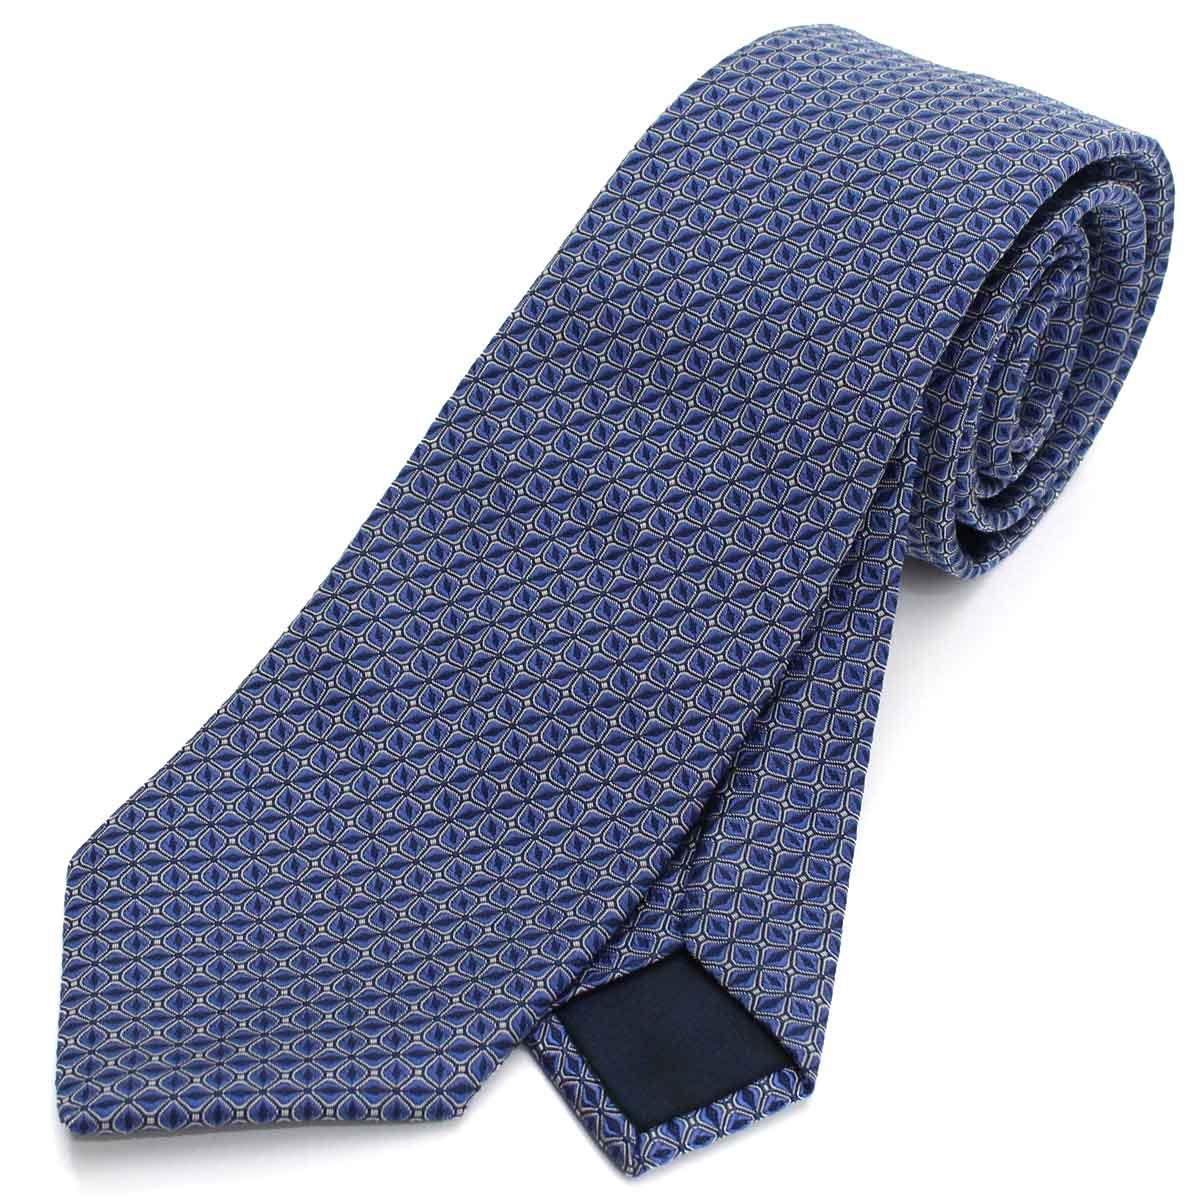 ランバン LANVIN ネクタイ 通常幅 レギュラータイ 2200/2 ブルー メンズ【キャッシュレス 5% 還元】